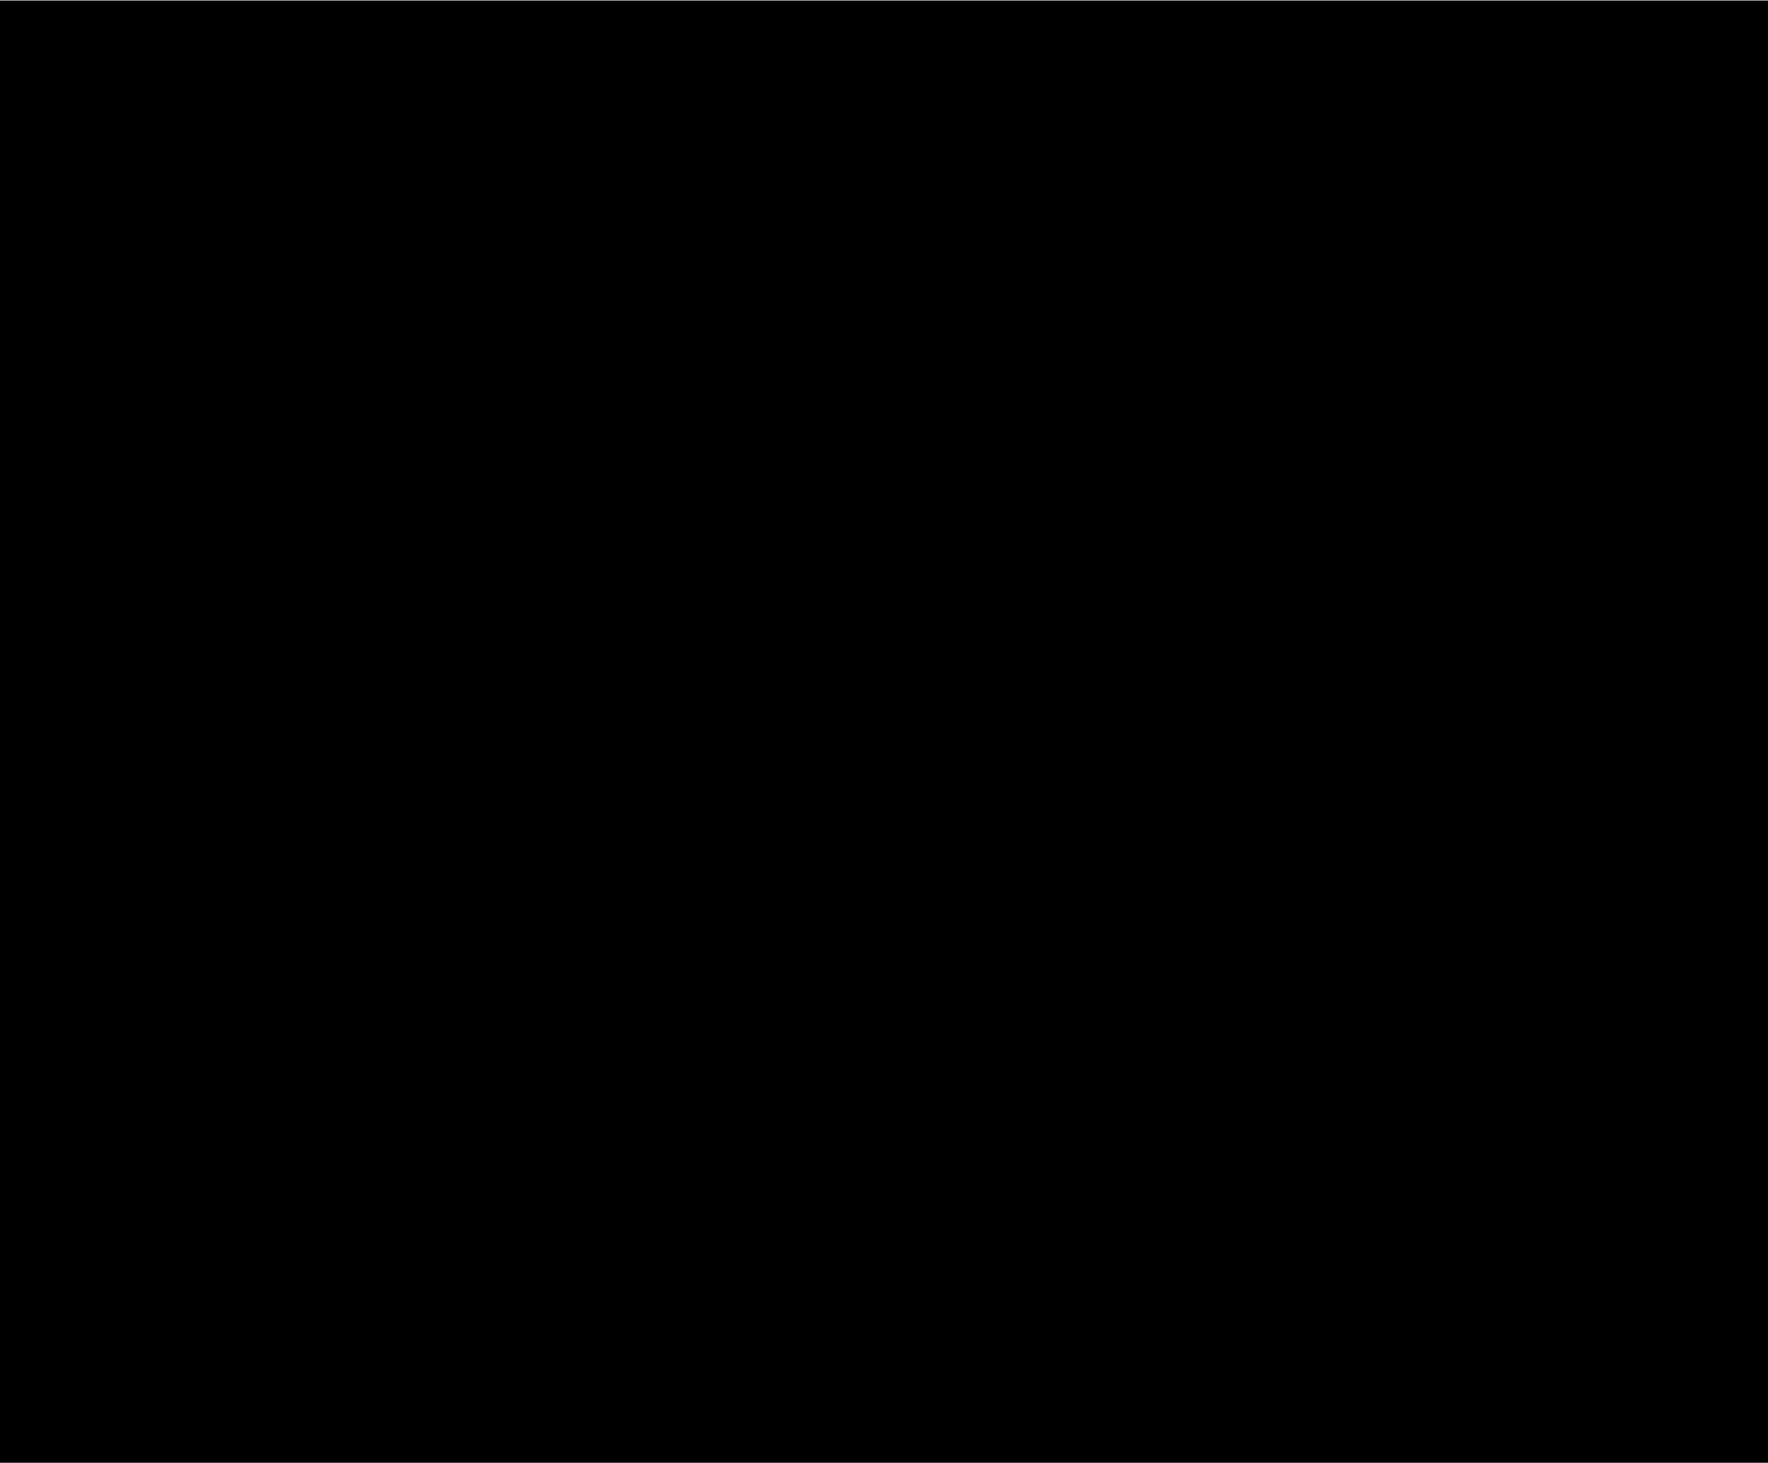 Shinkei  view on his profile